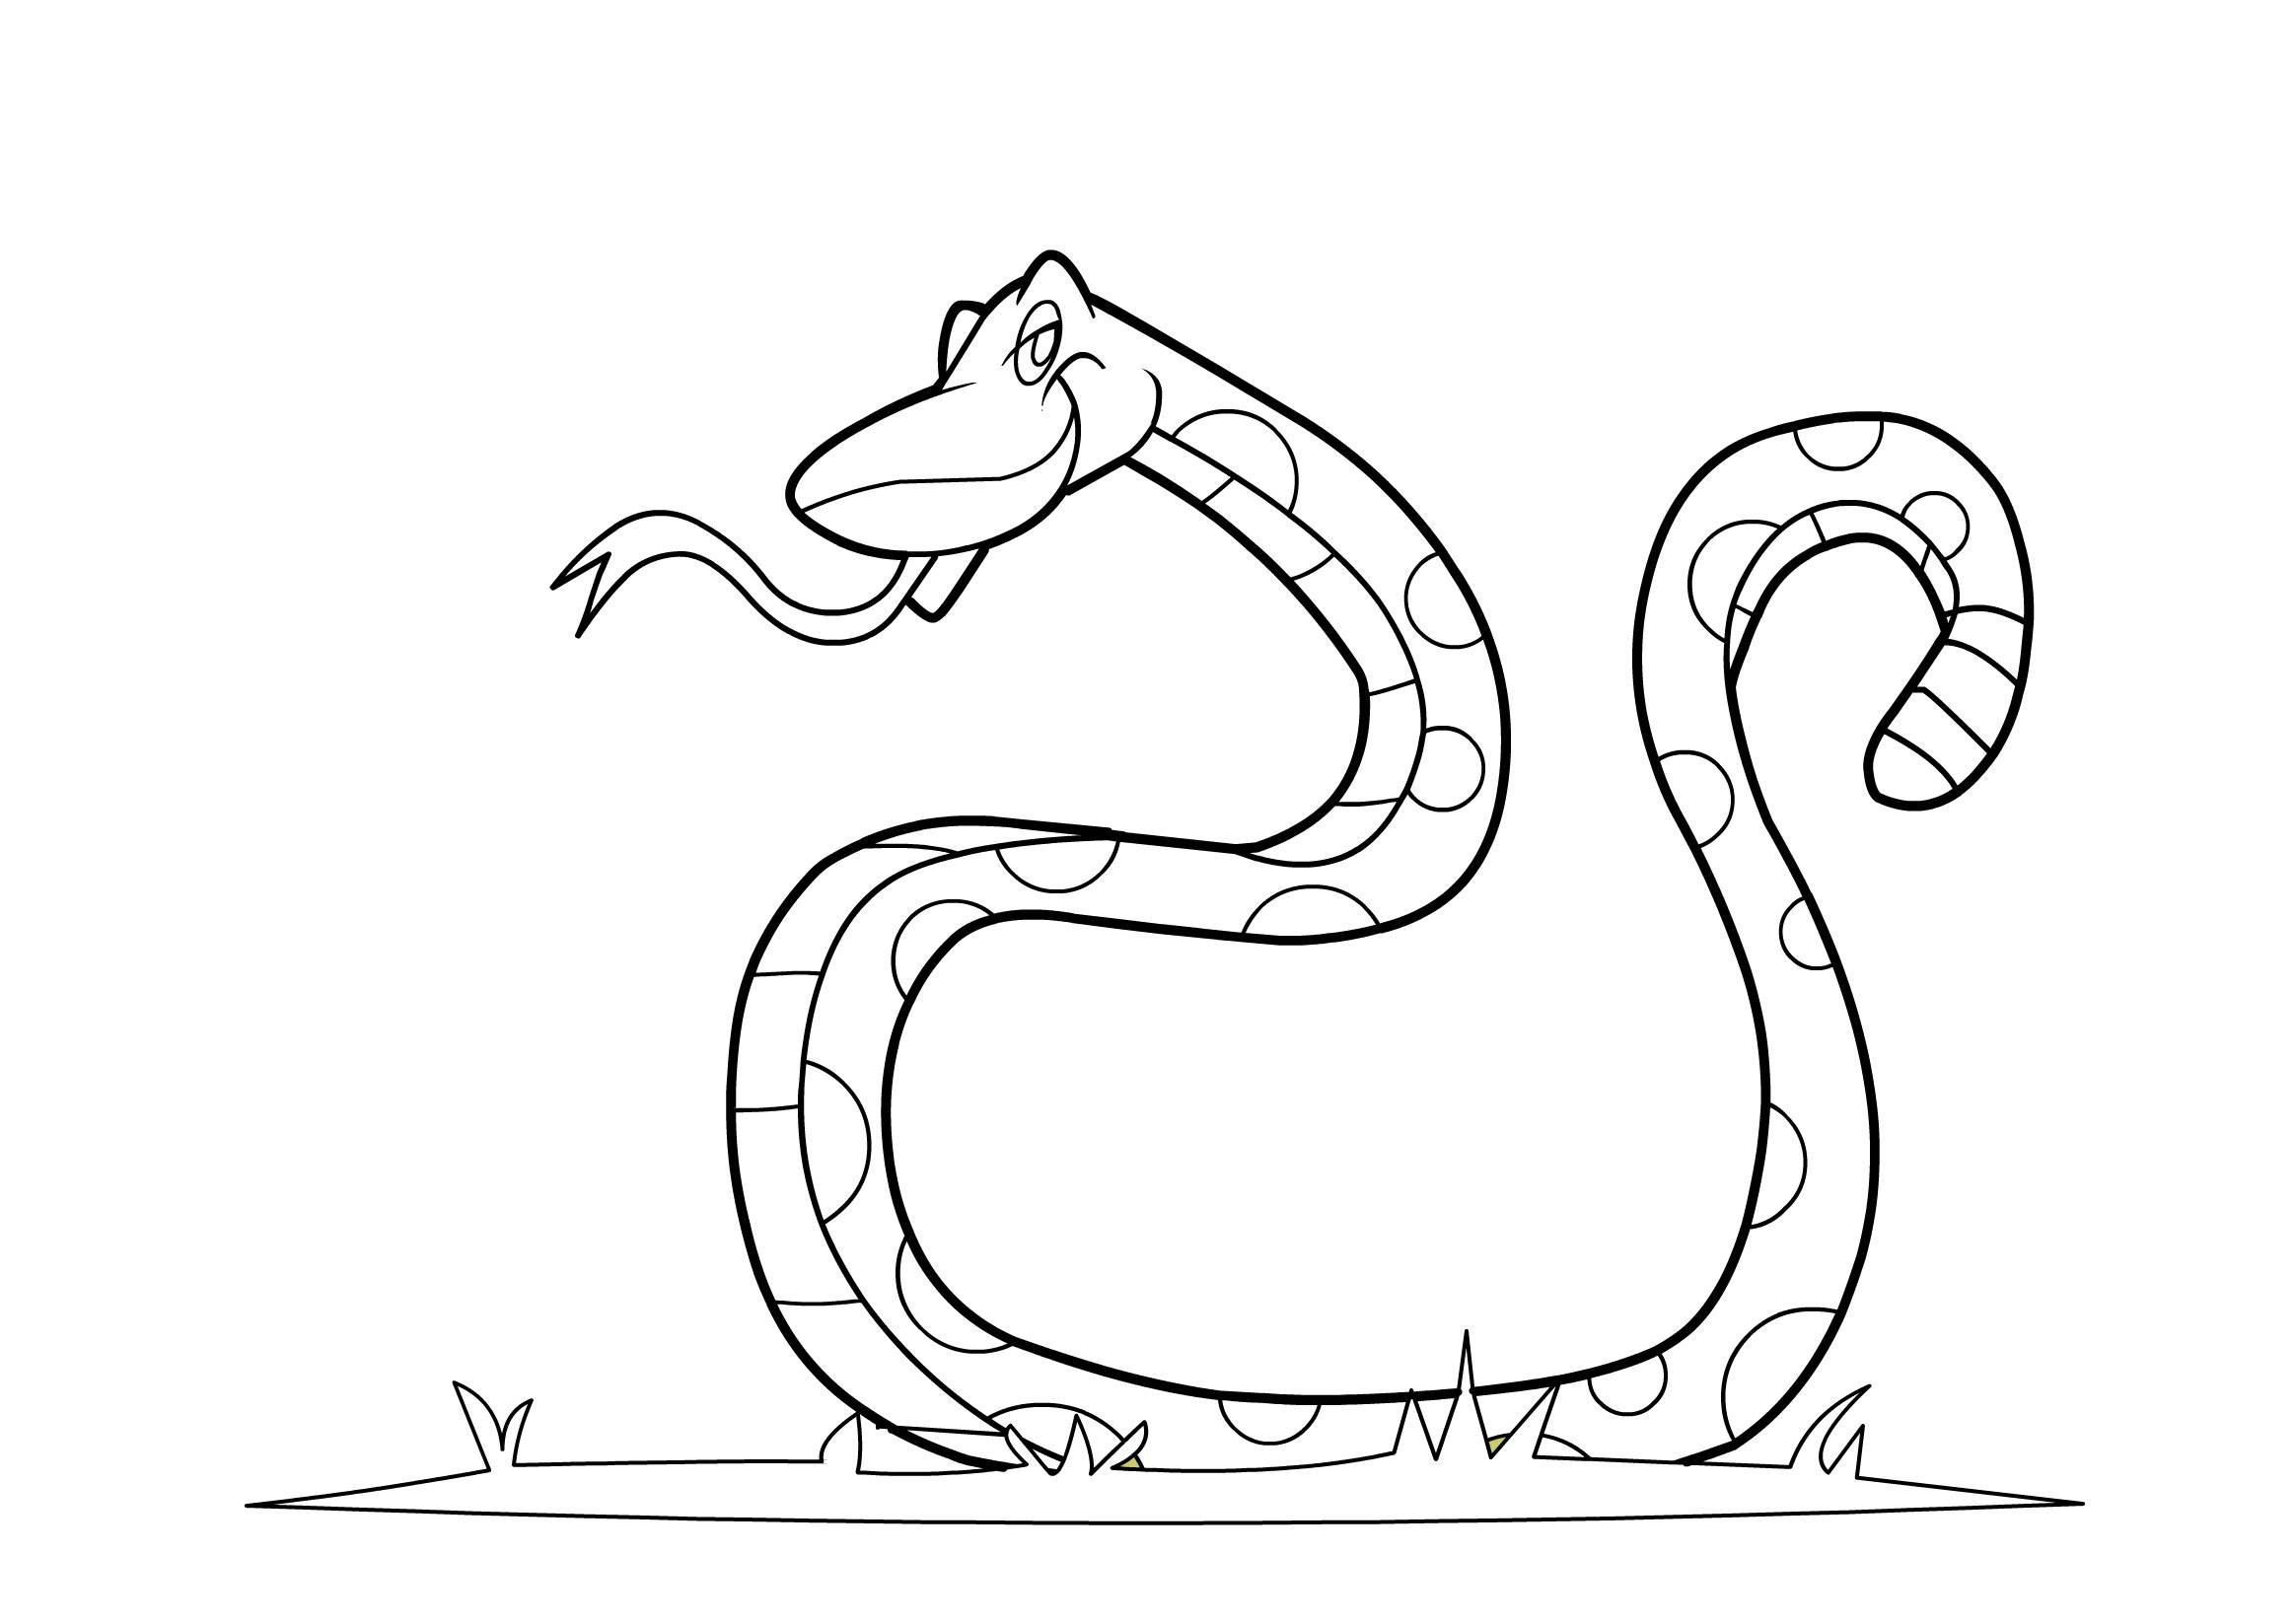 Tranh tô màu con rắn đẹp, đơn giản